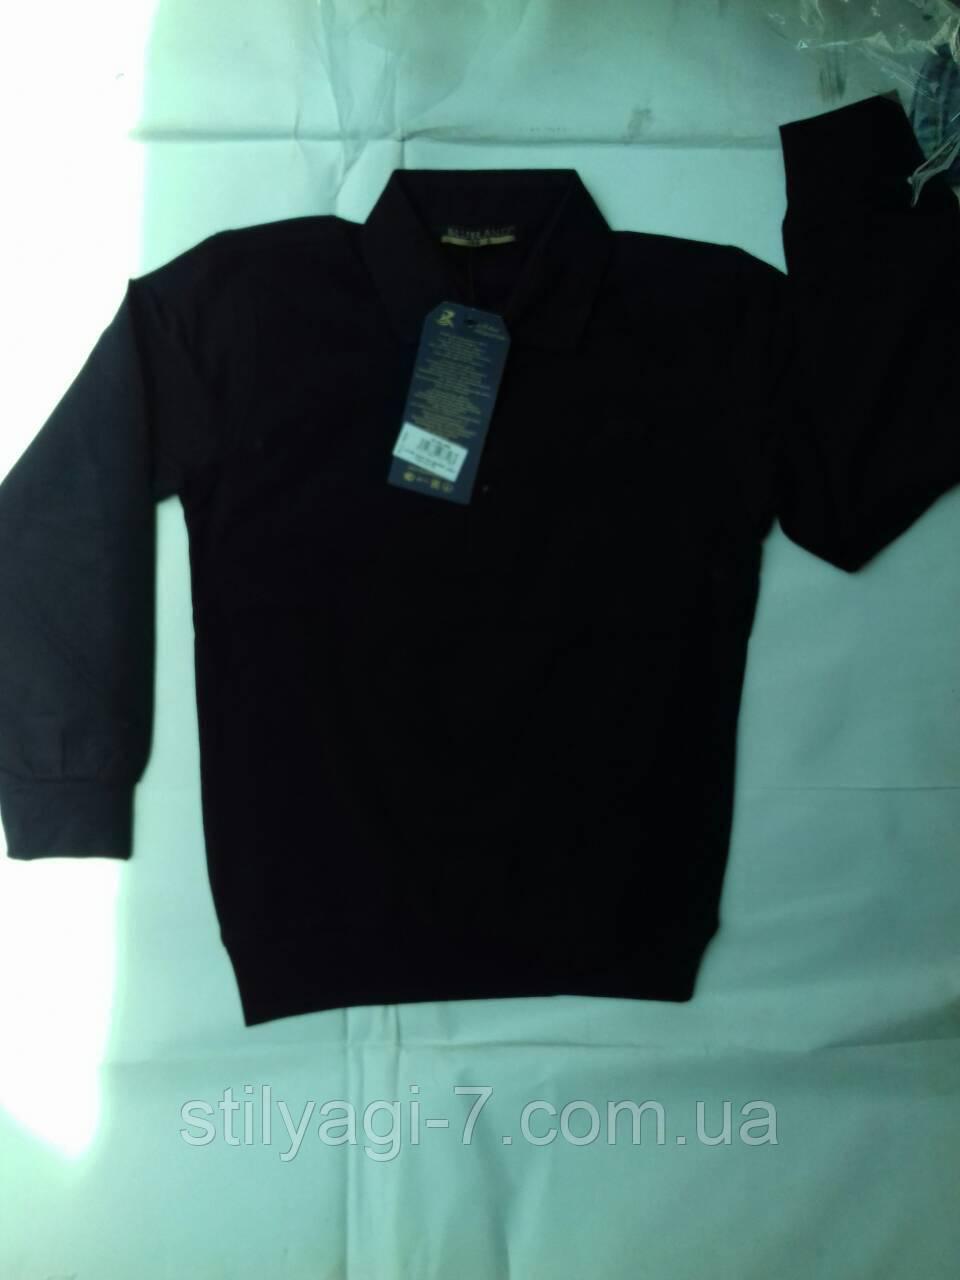 Кофта для мальчика на 6-8 лет черного цвета с воротником оптом